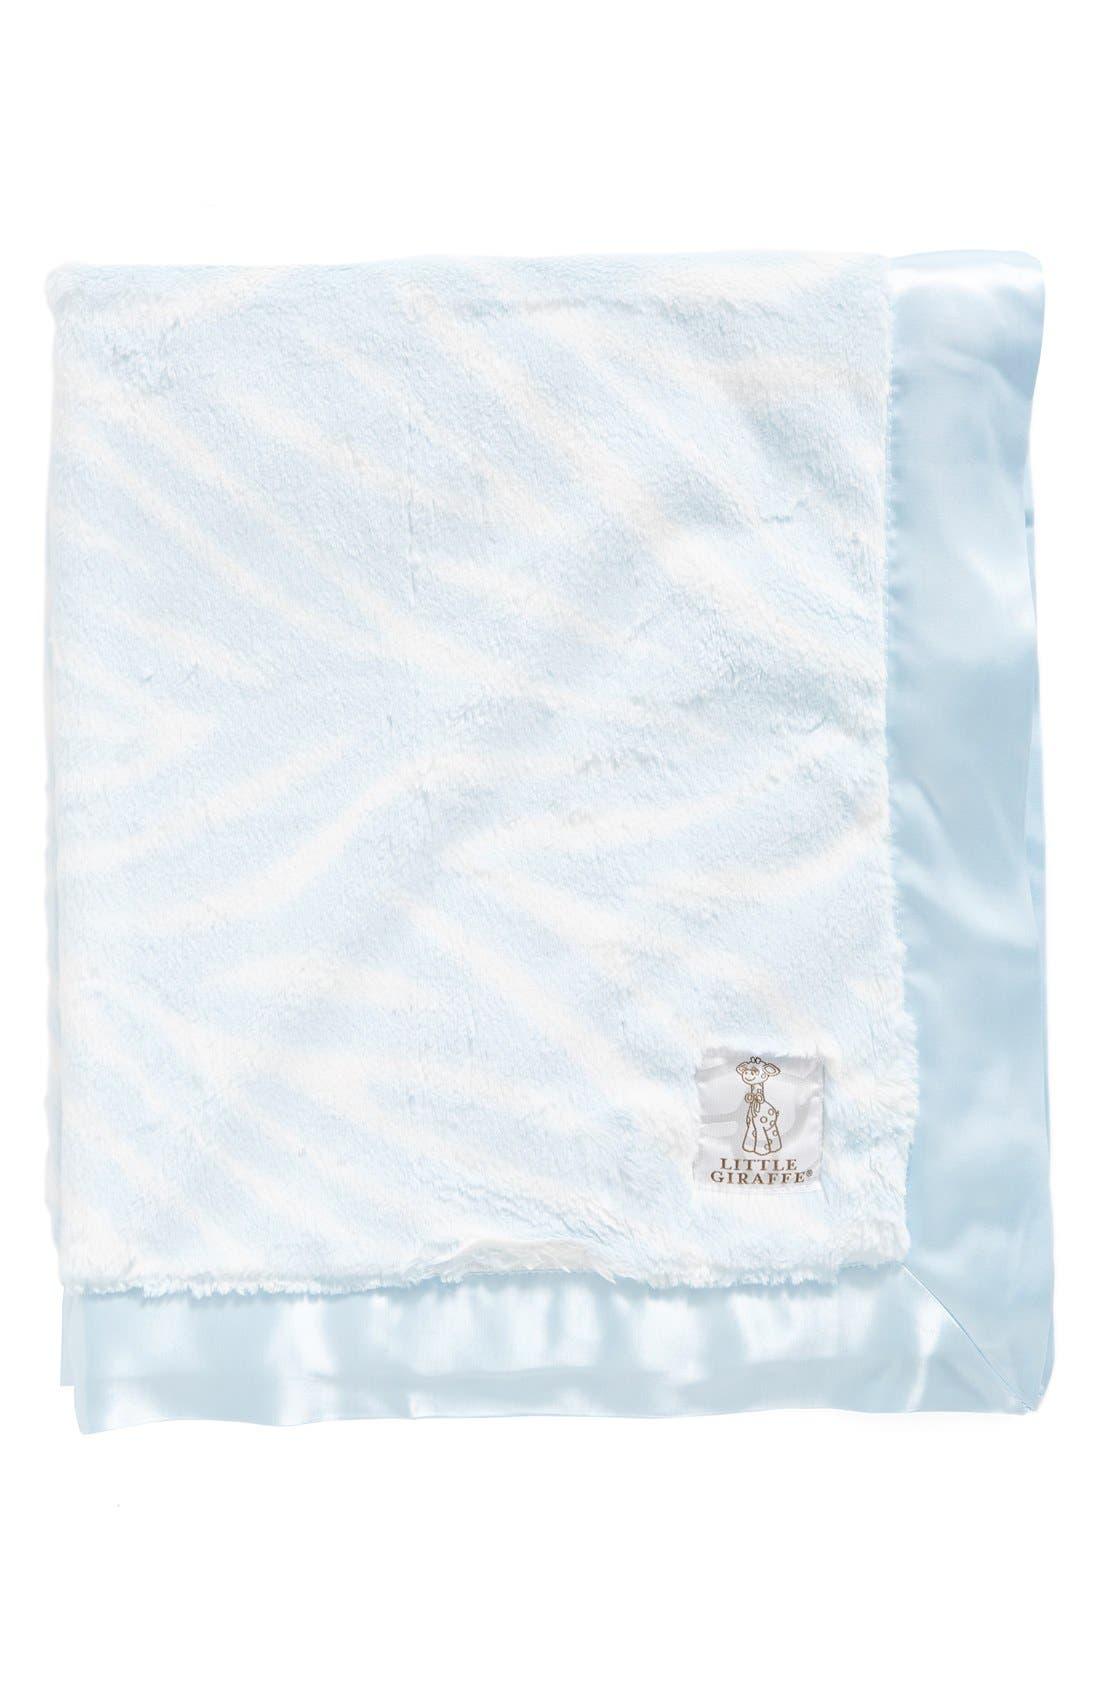 Alternate Image 1 Selected - Little Giraffe Luxe™ Zebra Print Blanket